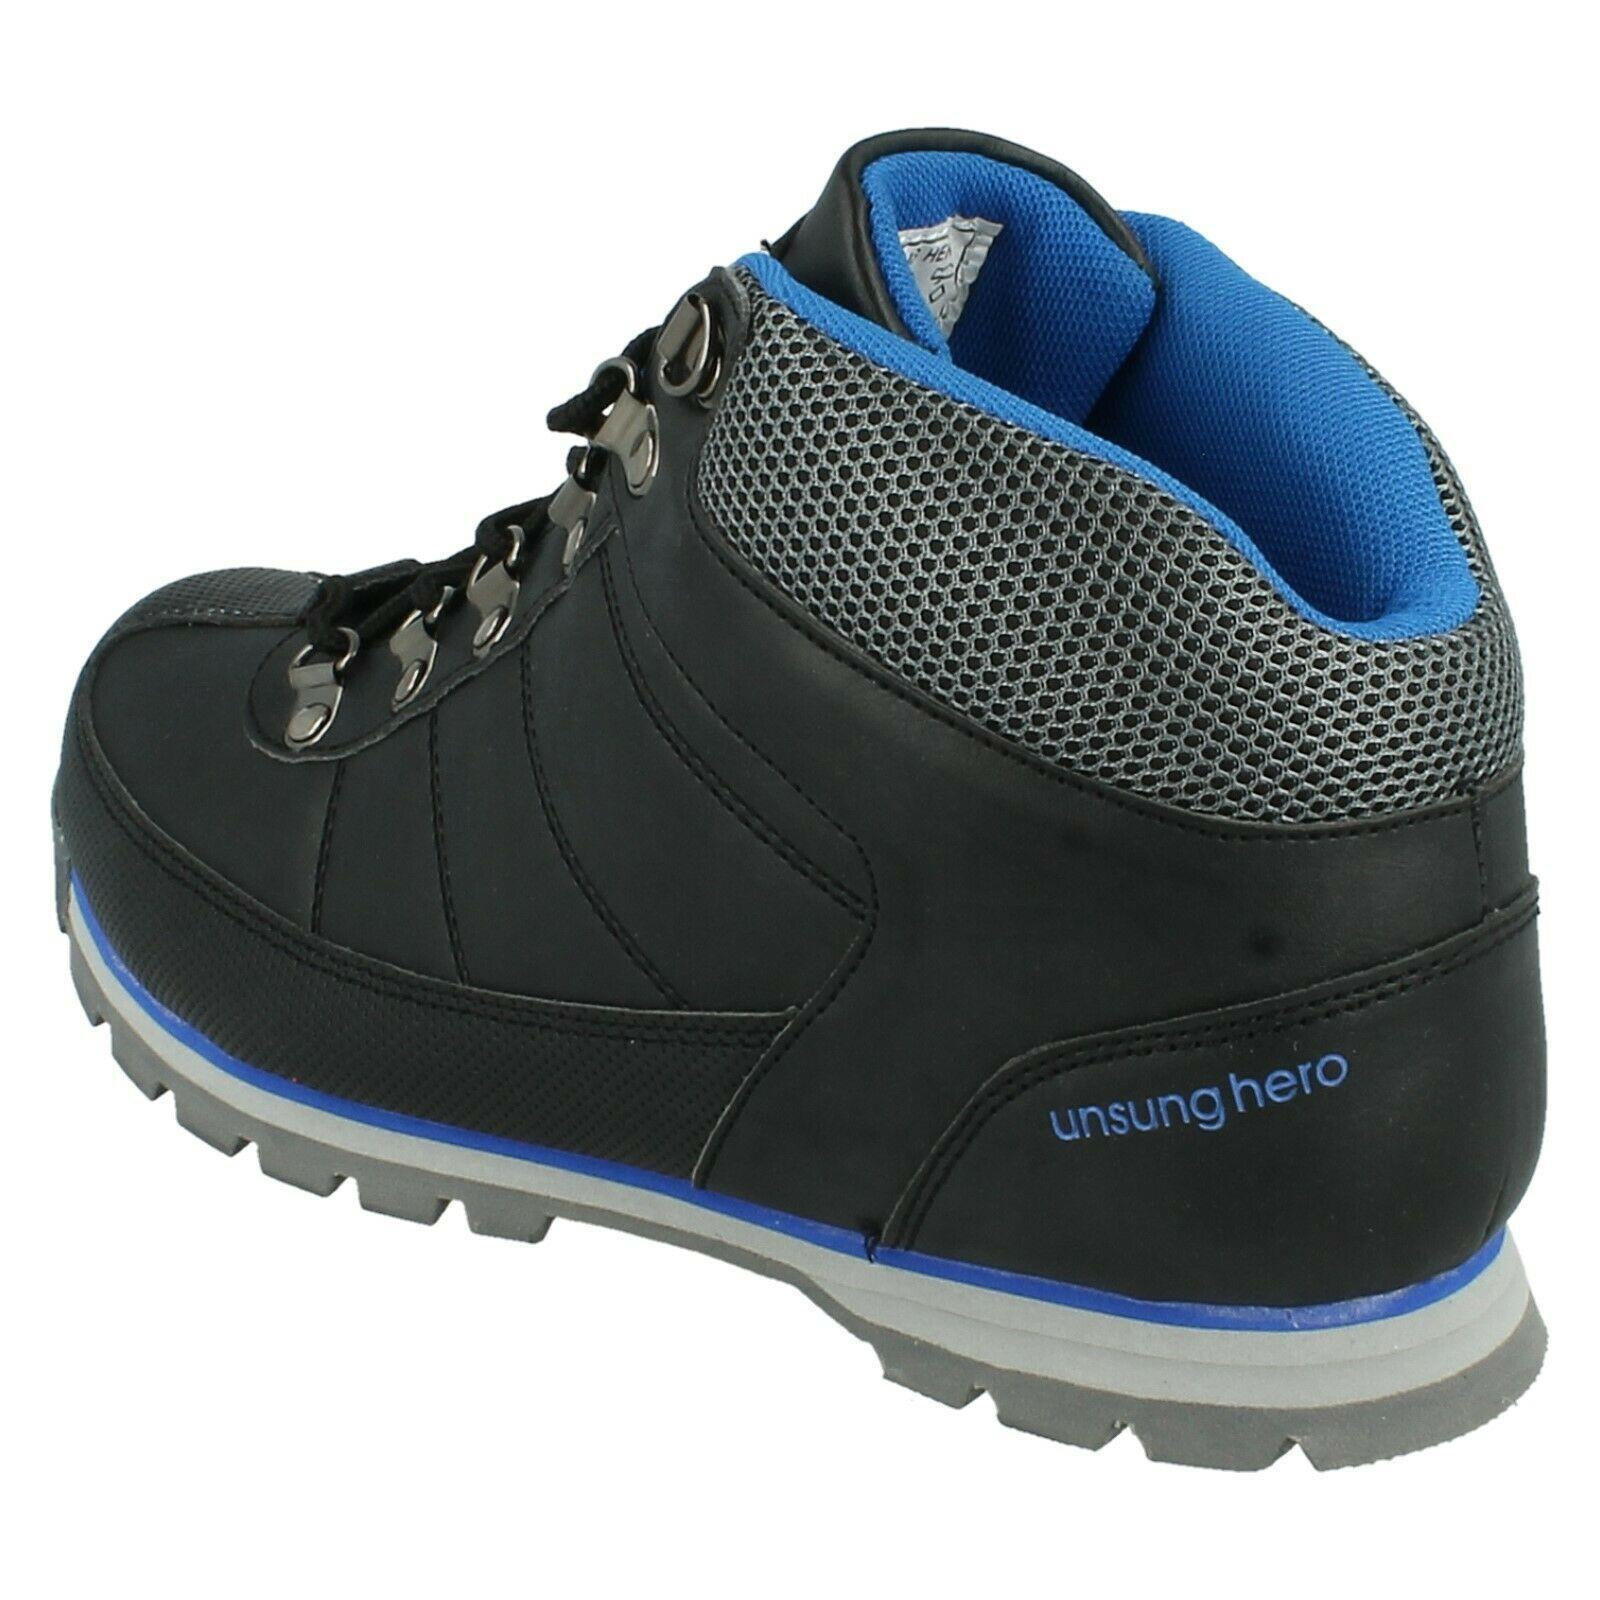 Henleys-unsunghero-Para-hombre-Botas-para-Caminar-Con-Cordones-Zapatos-De-Invierno-Al-Aire-Libre-7 miniatura 18